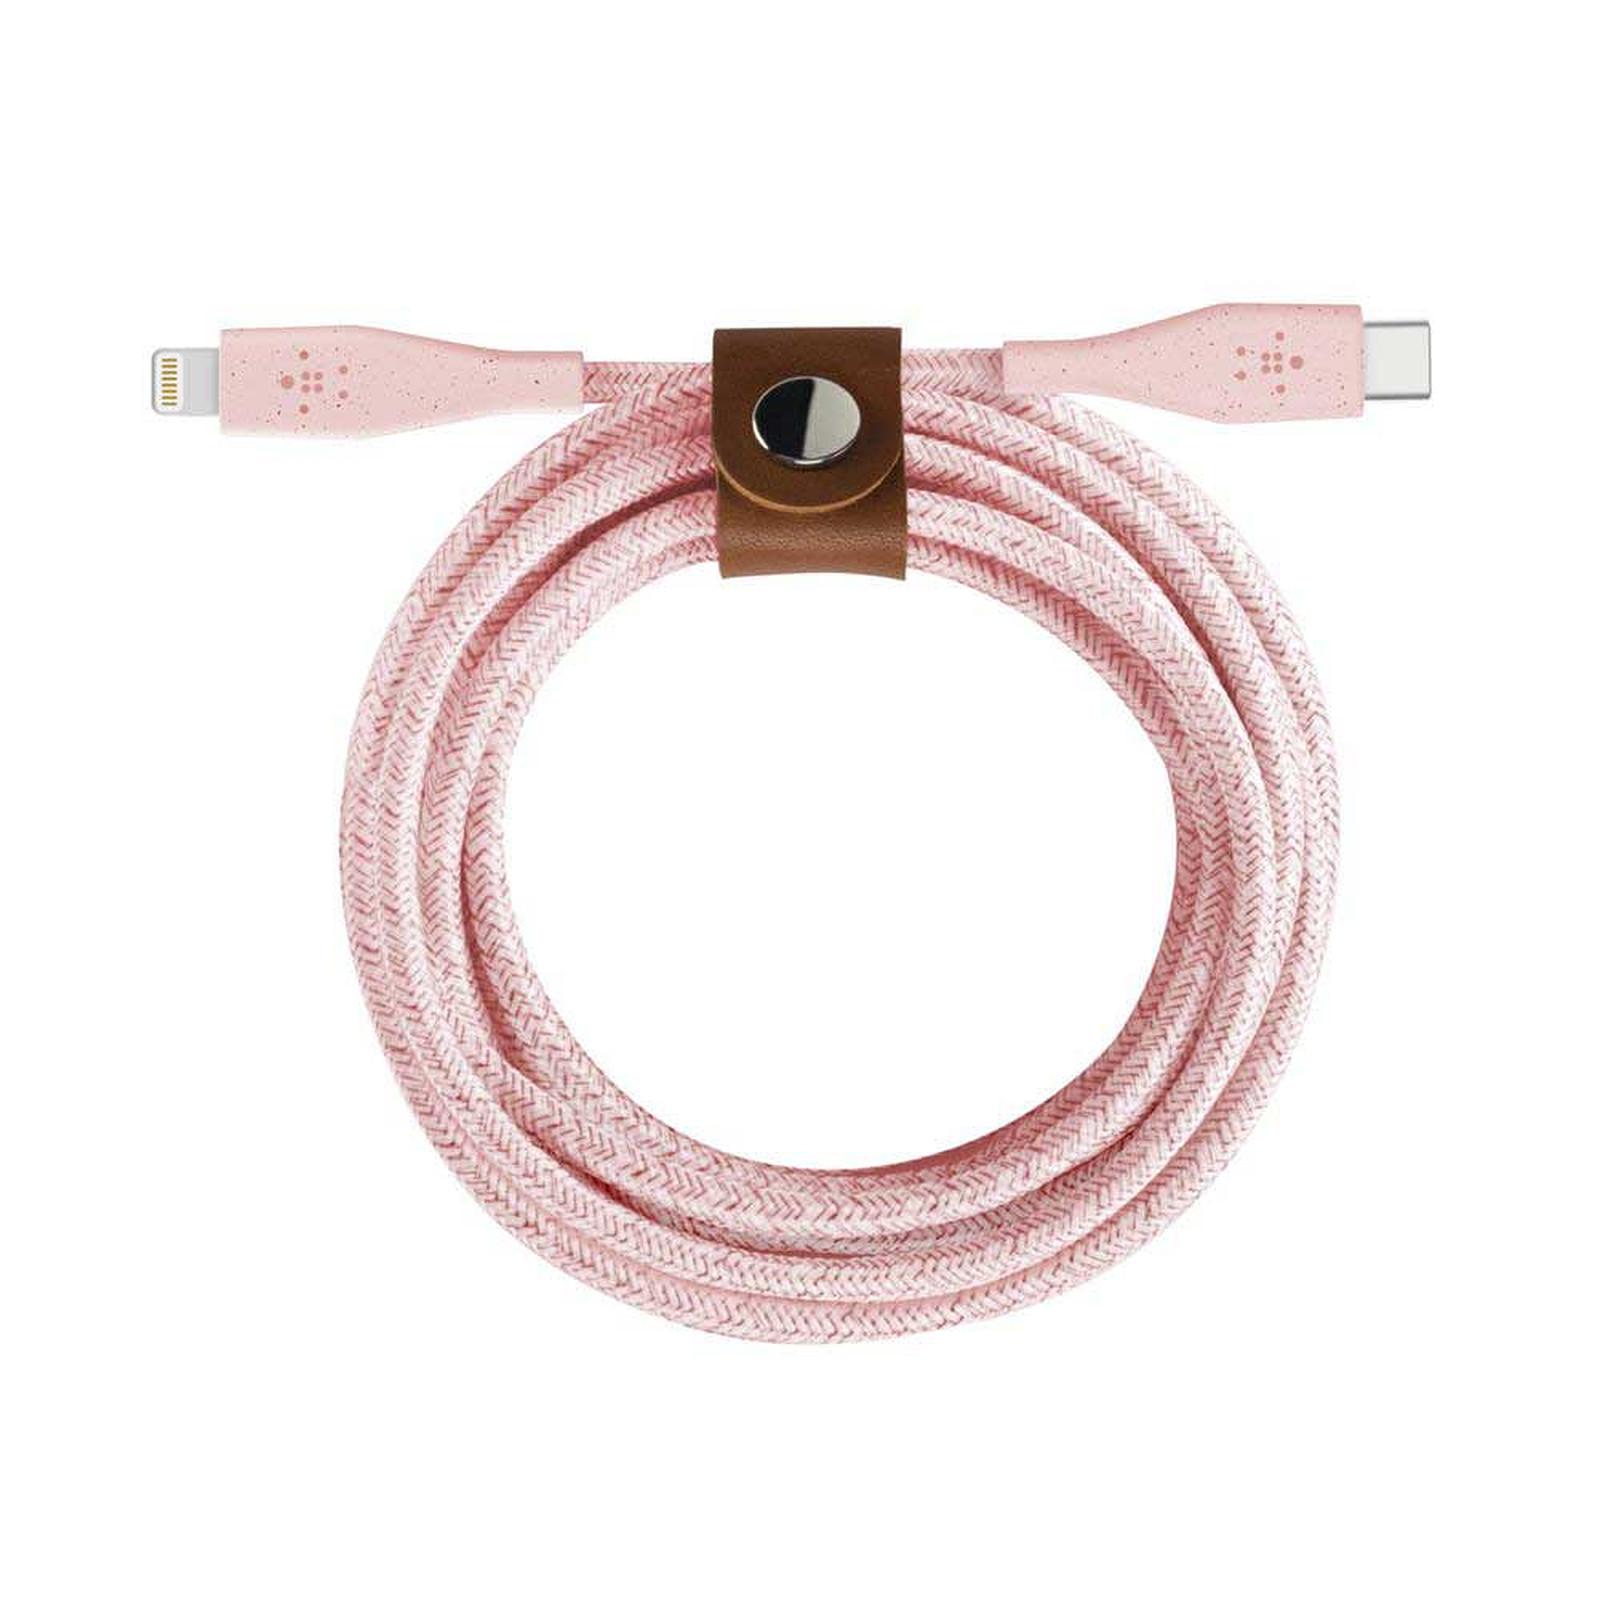 Belkin USB-C Boost Charge DuraTek avec connecteur Lightning et sangle de fermeture (Rose) - 1.2 m